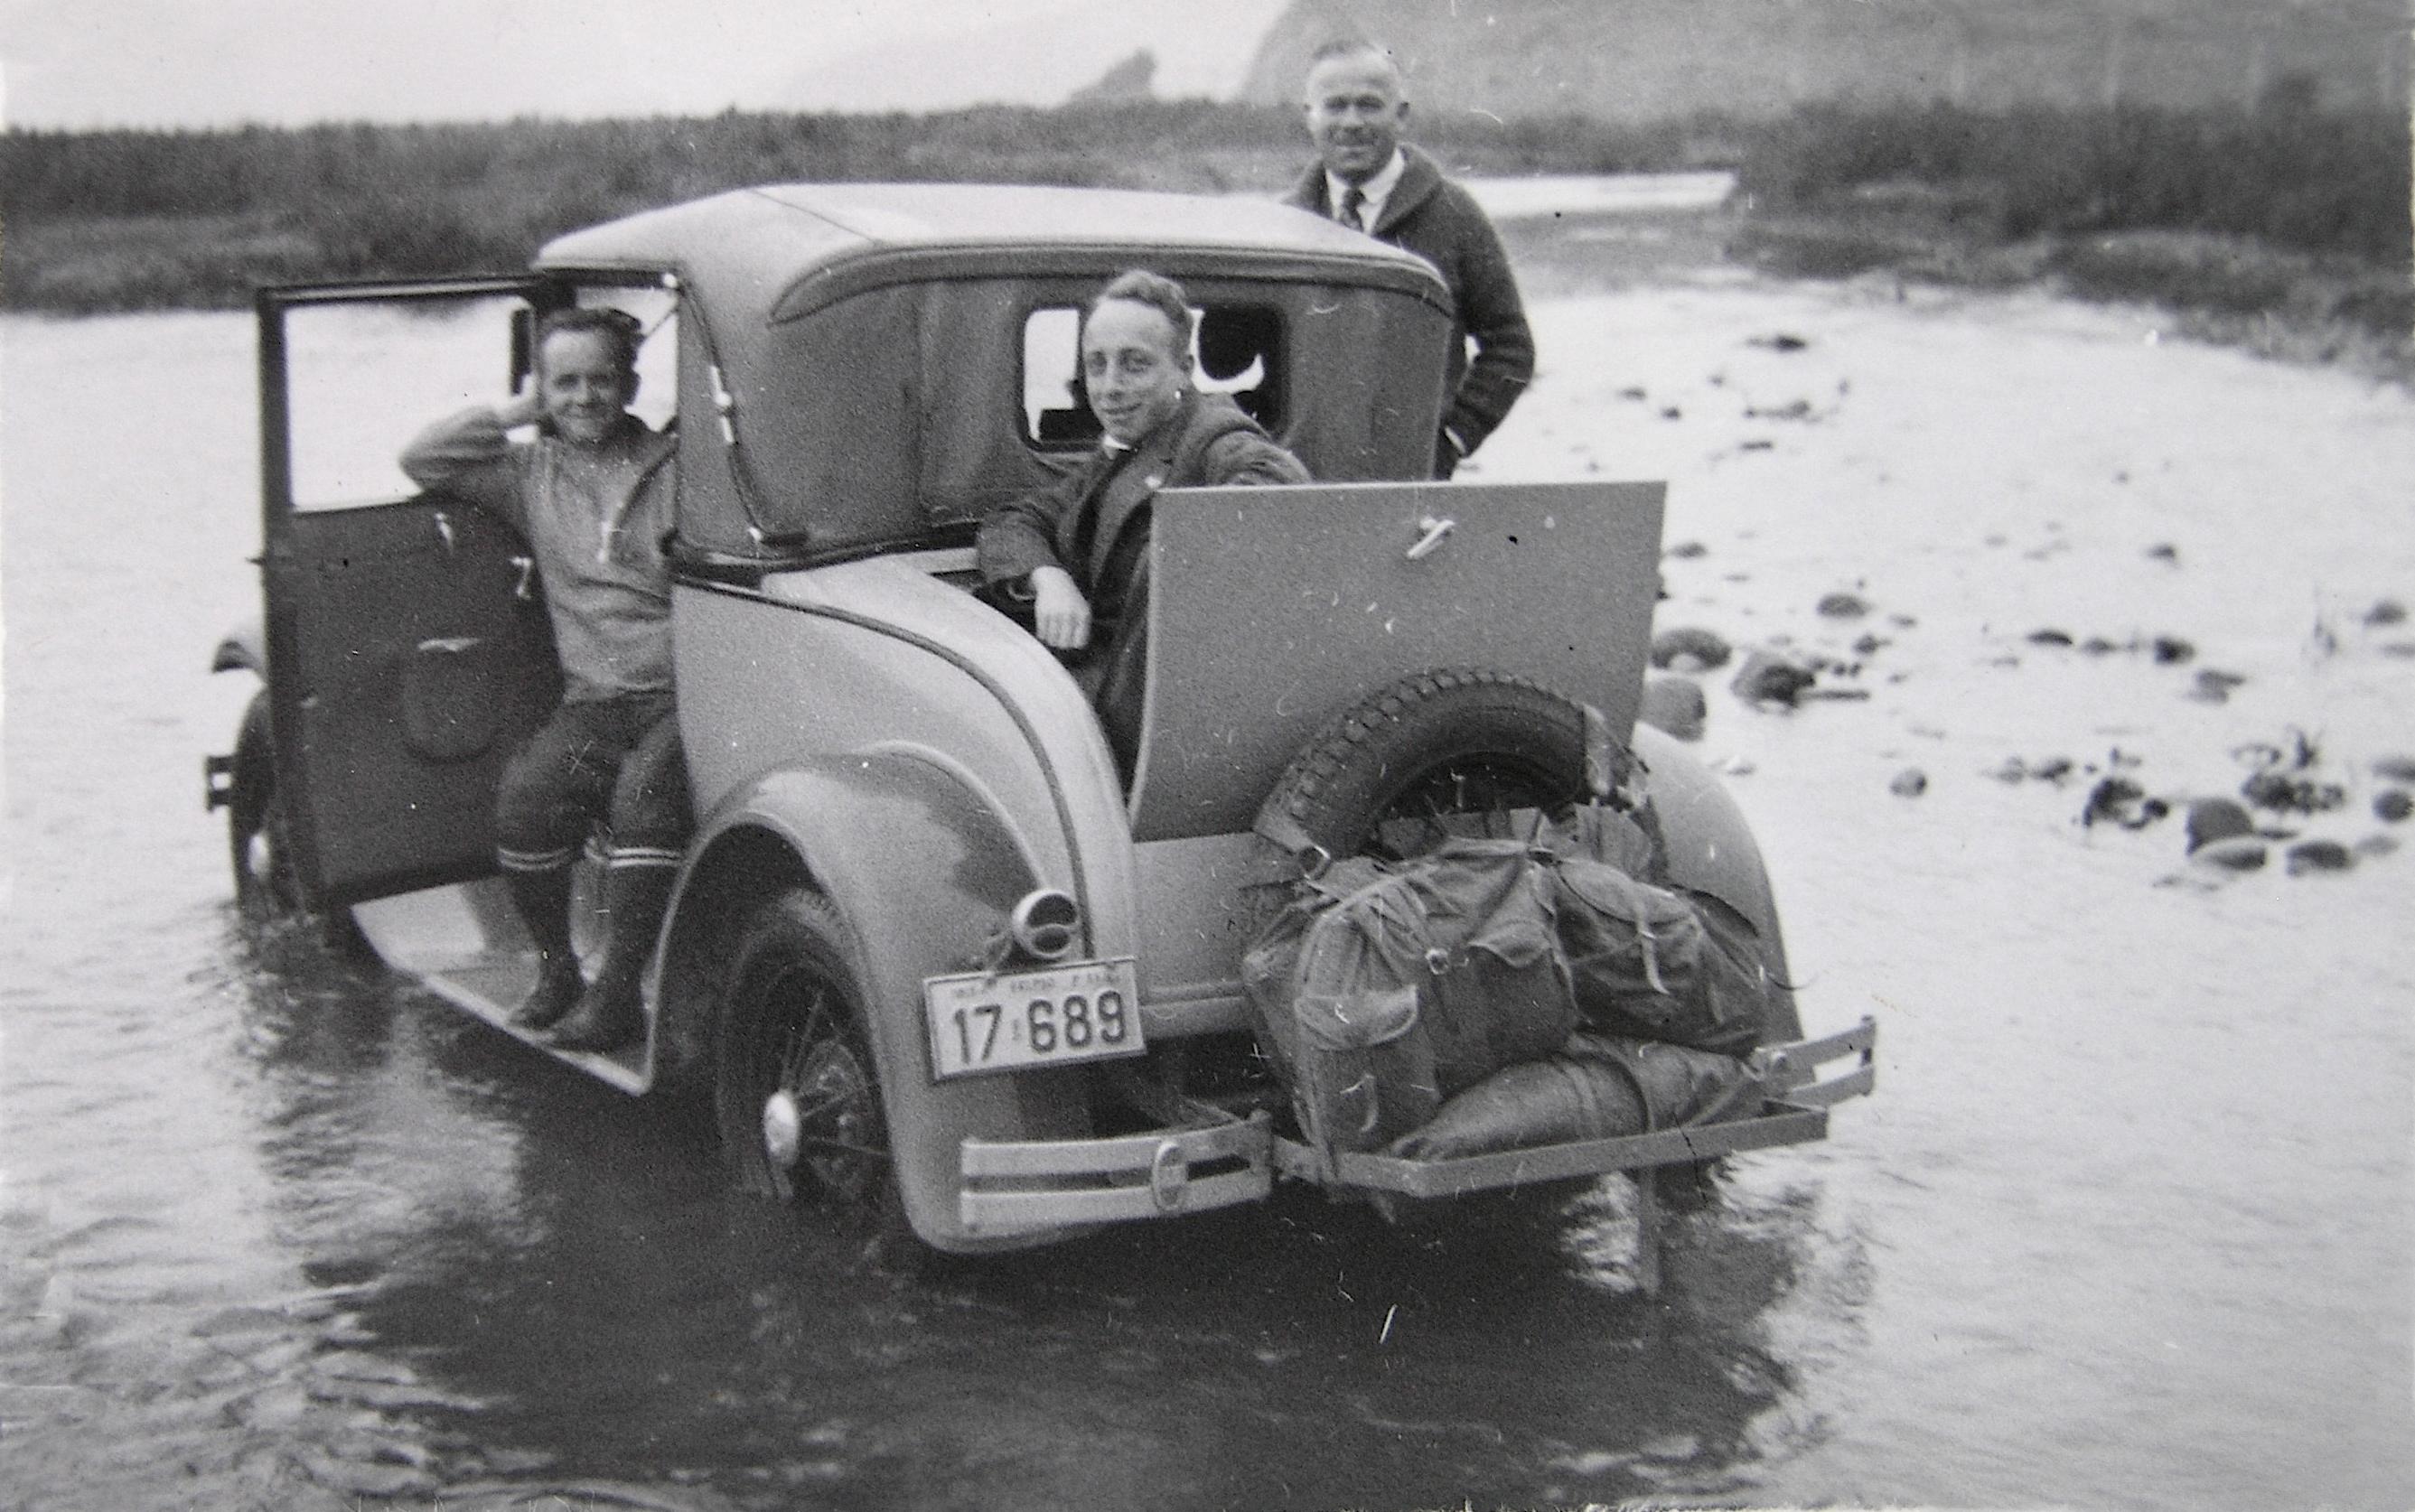 Enterreno - Fotos históricas de chile - fotos antiguas de Chile - En el río Aconcagua en 1934